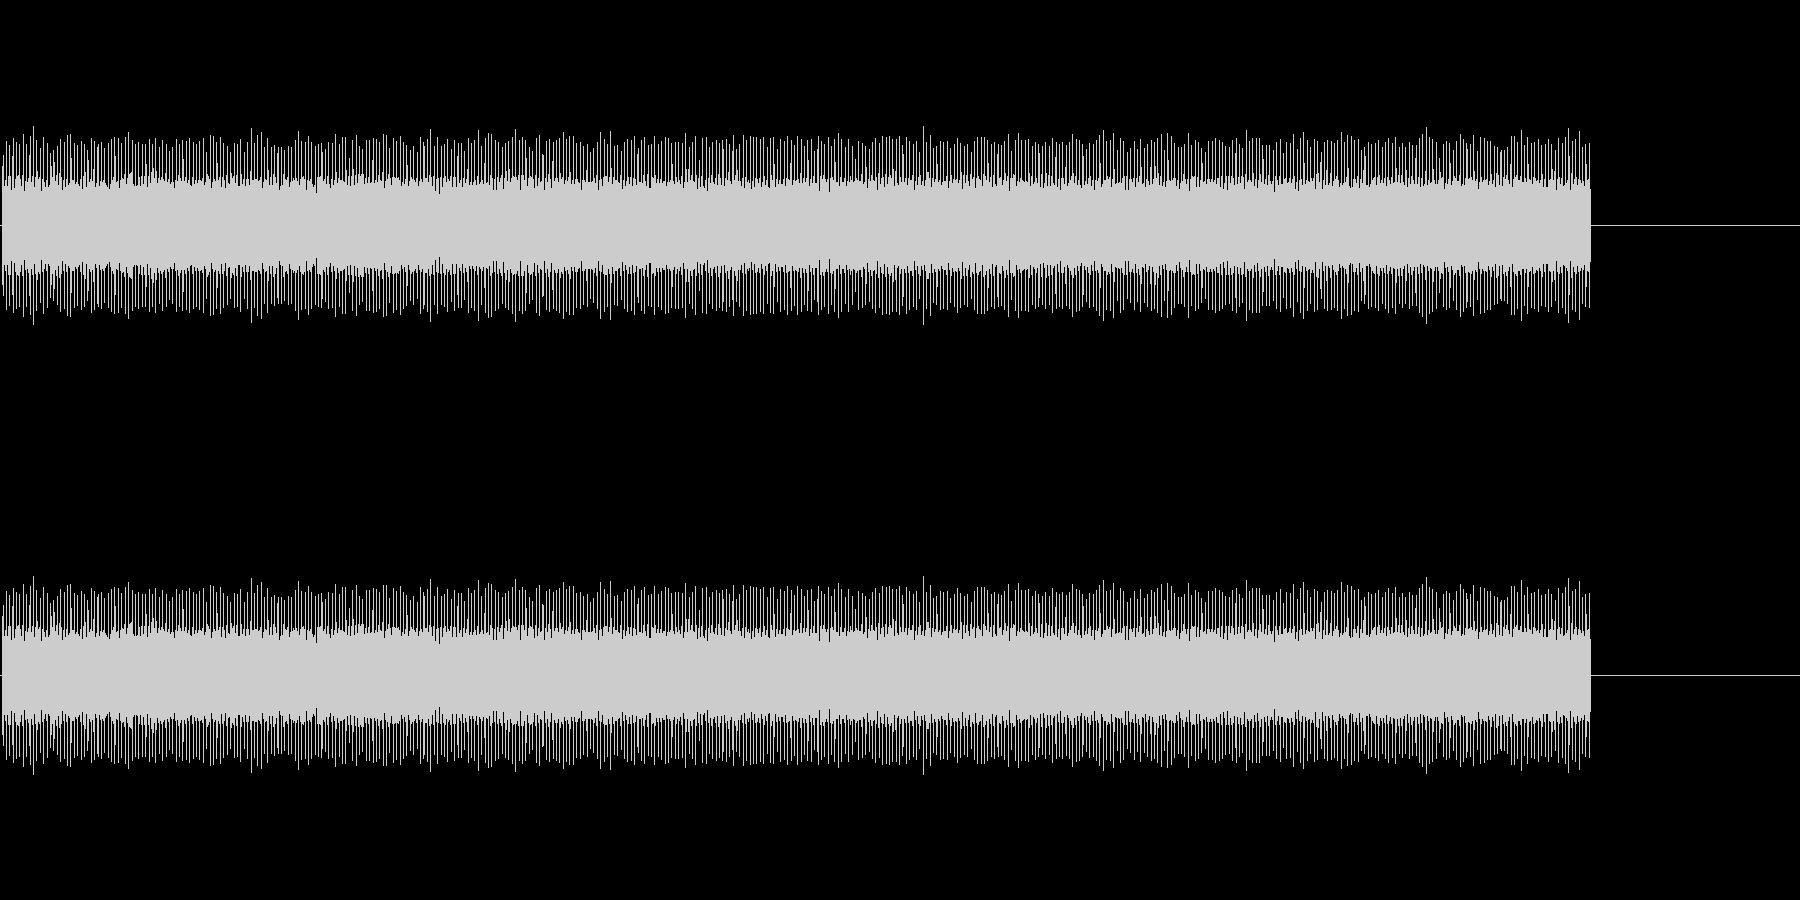 154 映写機の音の未再生の波形